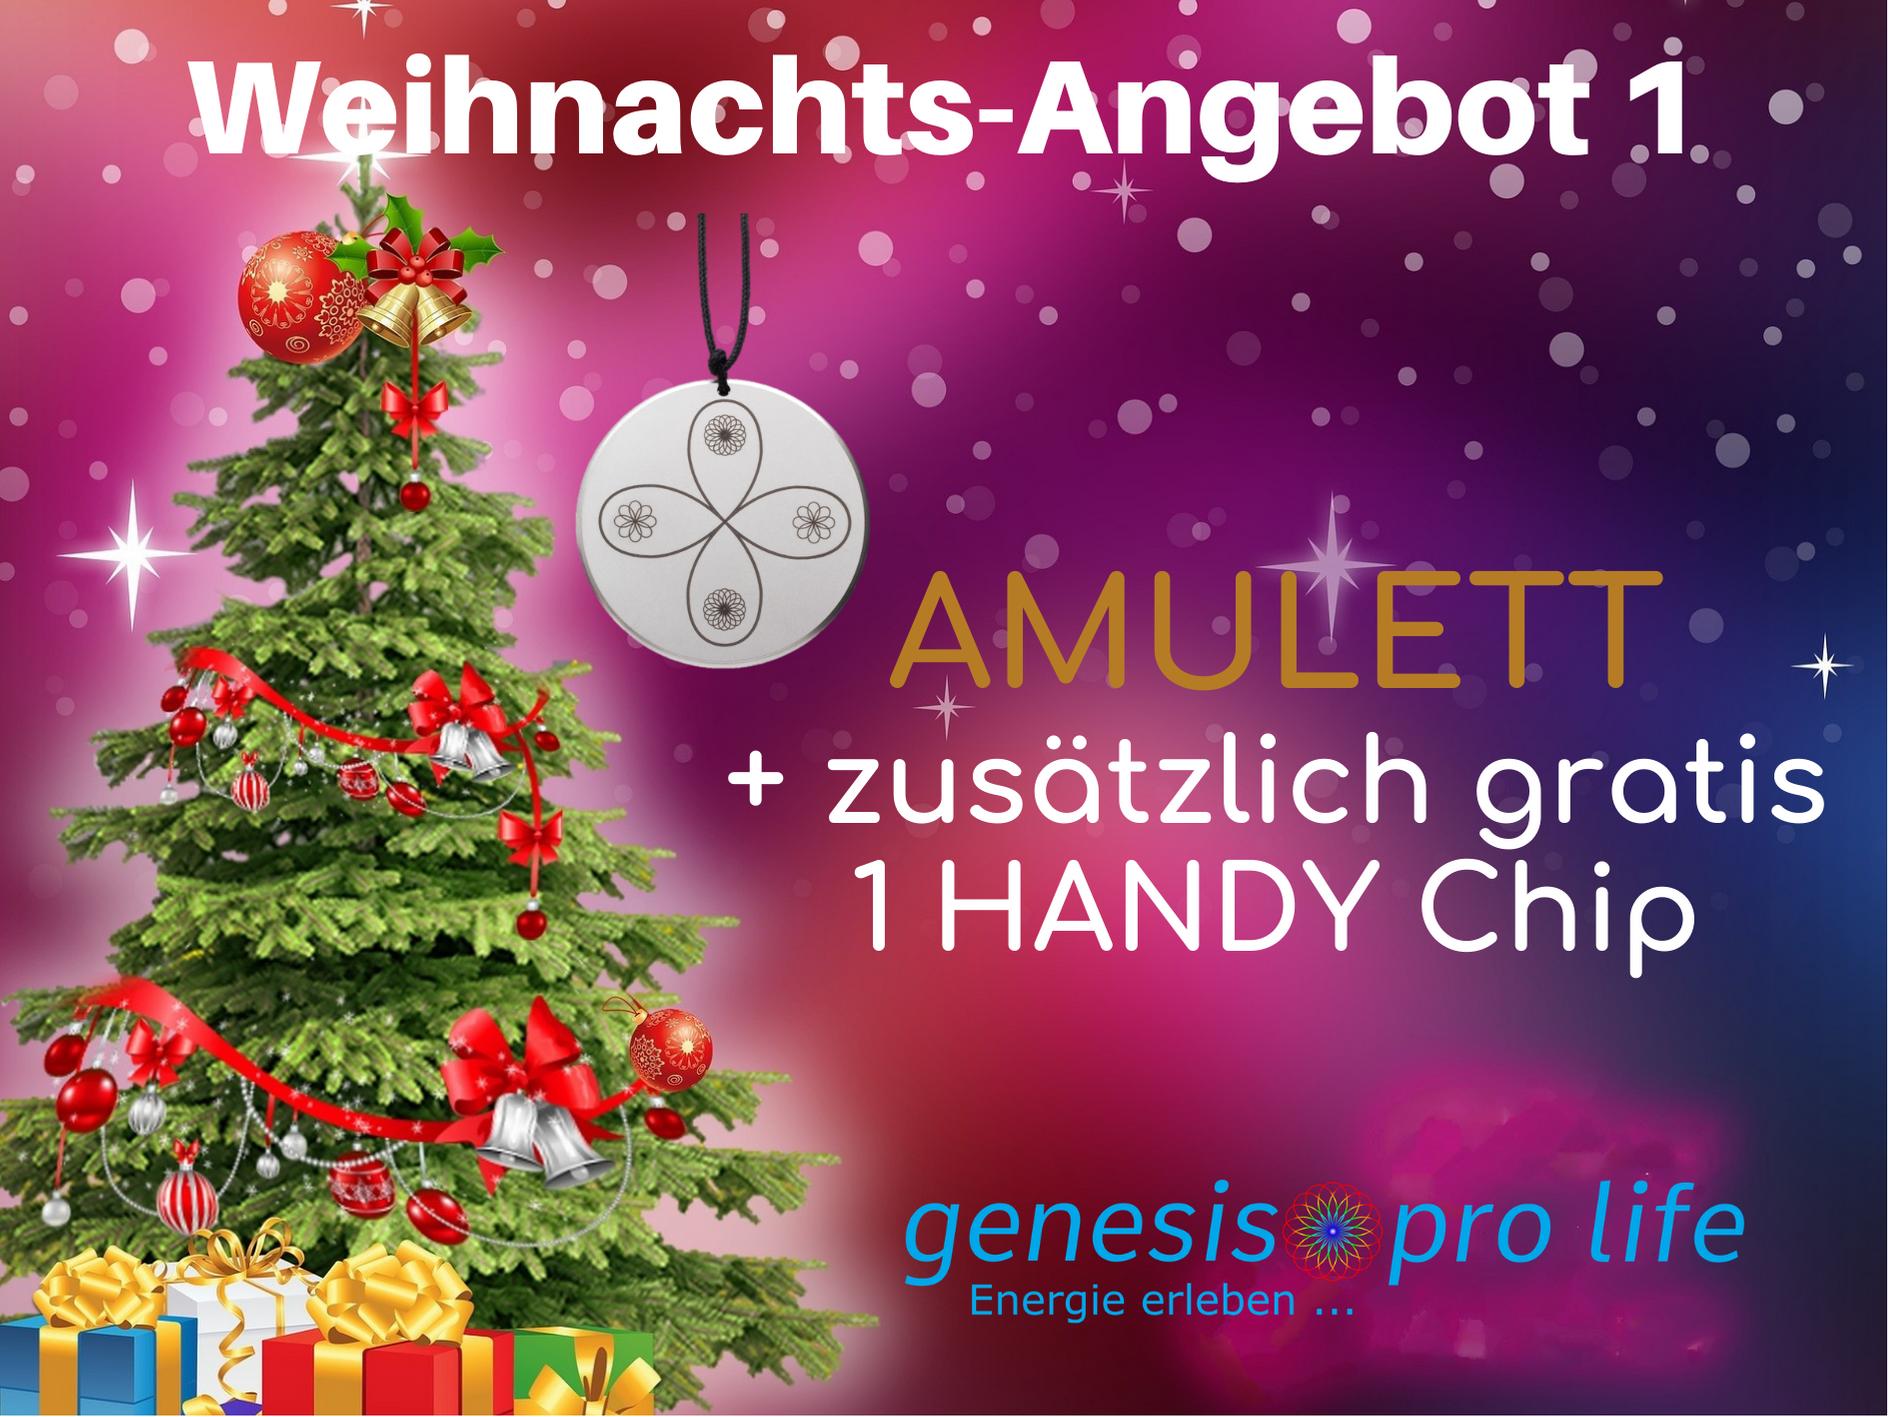 Angebote-Weihnachten-2020-AMULETT